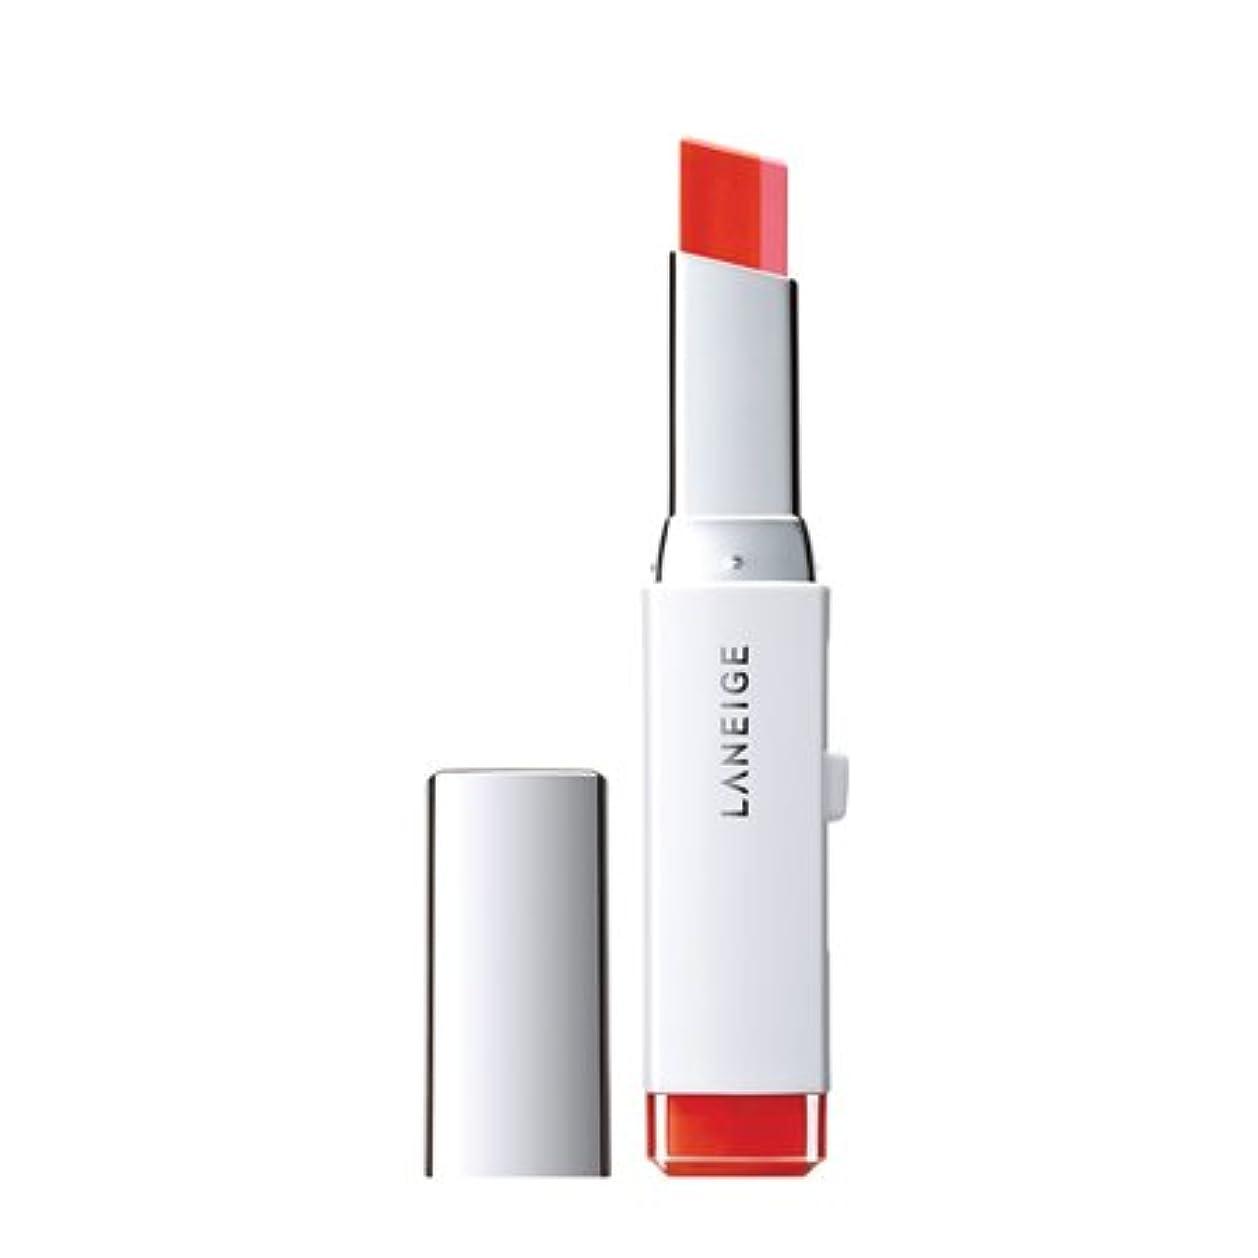 ルート横向きマキシムラネージュ(LANEIGE)ツートーンリップバー(Two tone lip bar)2g カラー:3号 ピンクシャルマン